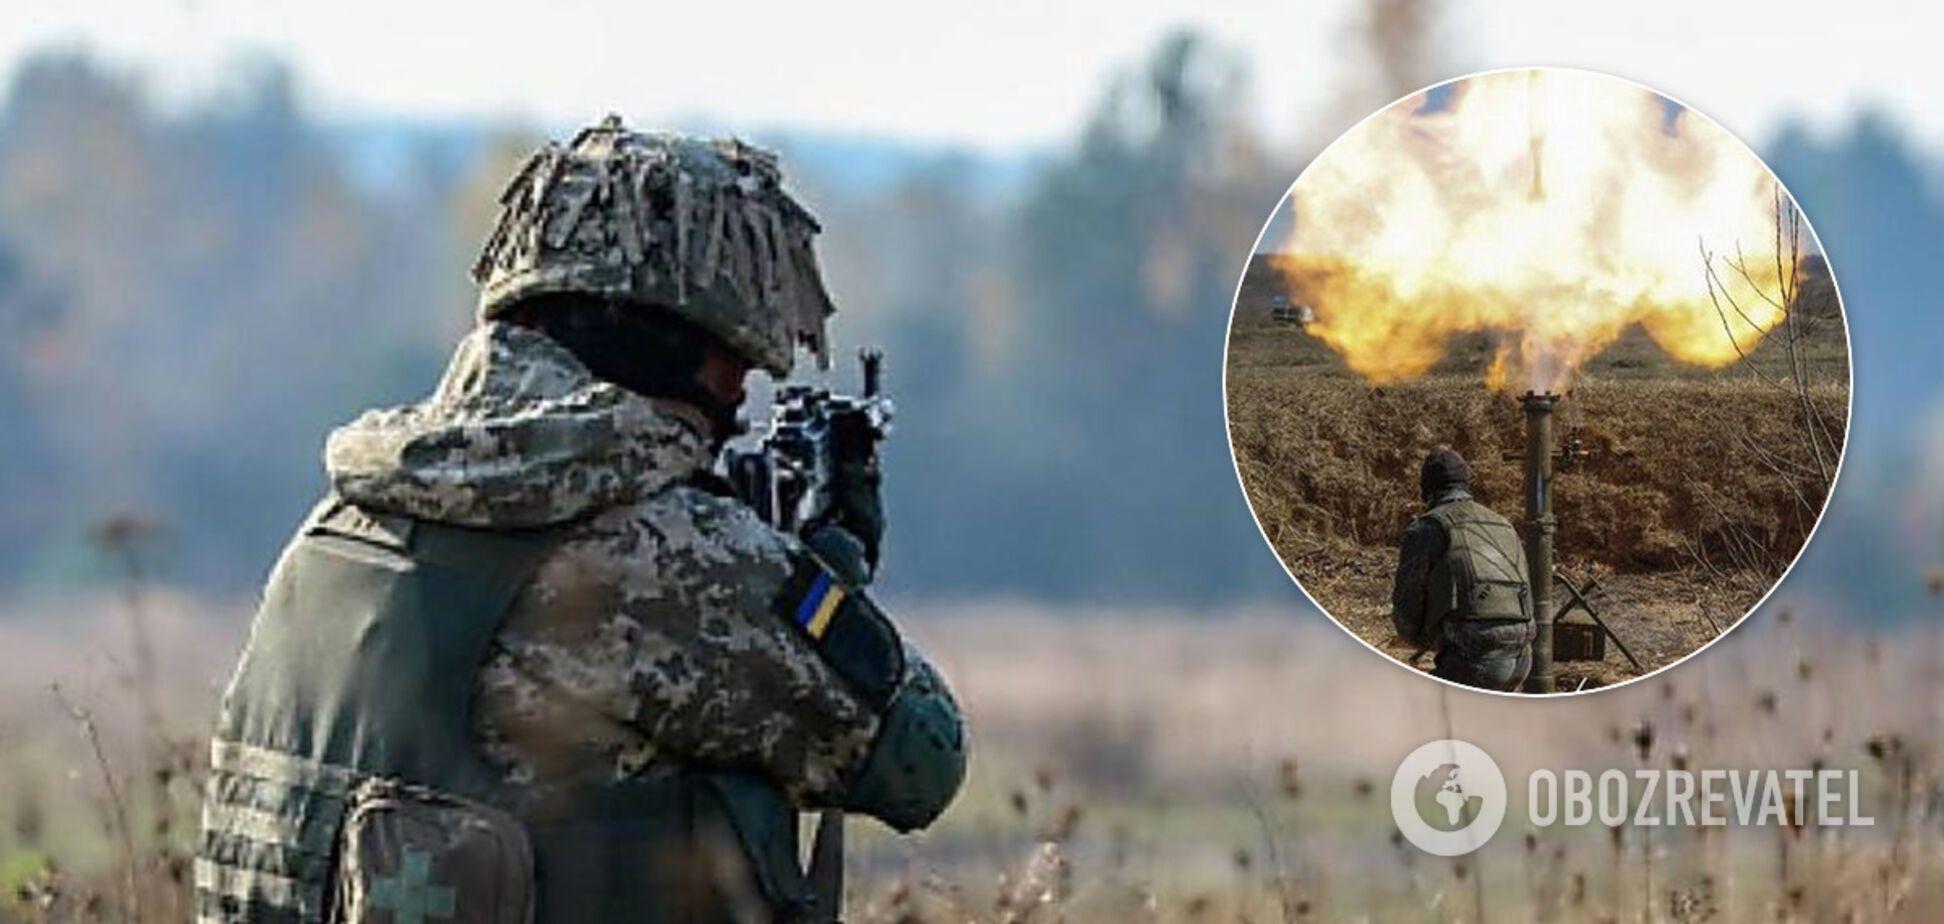 Военные Путина атаковали ВСУ на Донбассе и нарвались на ответ: пролилась кровь